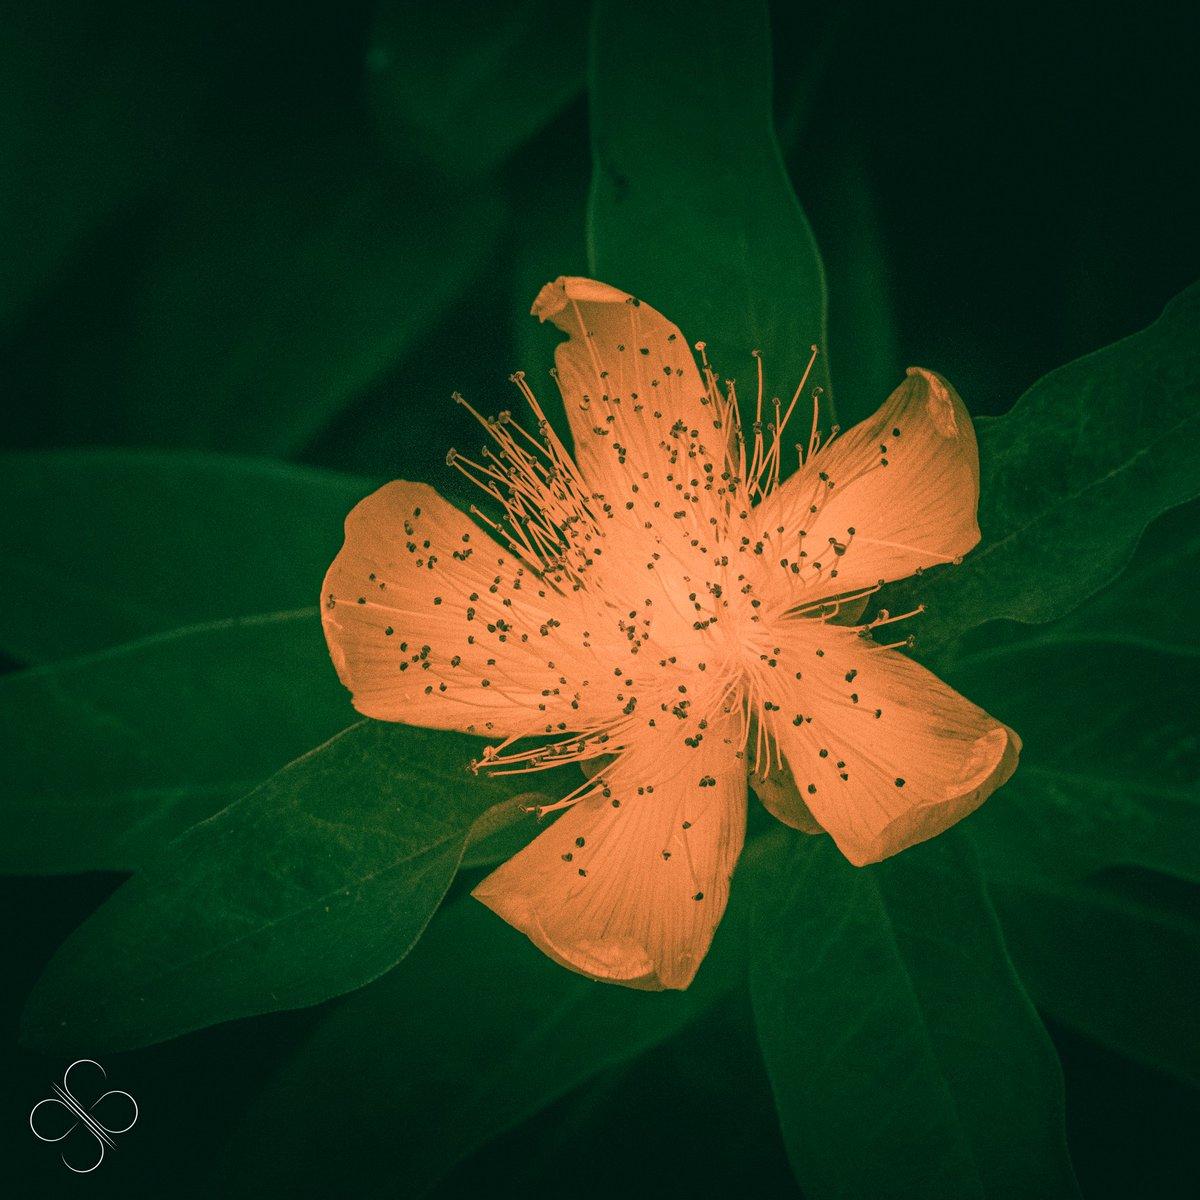 ----- Bien le bonjour. La nature est bien faite  Bien à vous.   ----- #SB #fleur #nature #jadin #auch #gers #occitanie #france #photo #photographe #photographie #canon #canonfrance -----